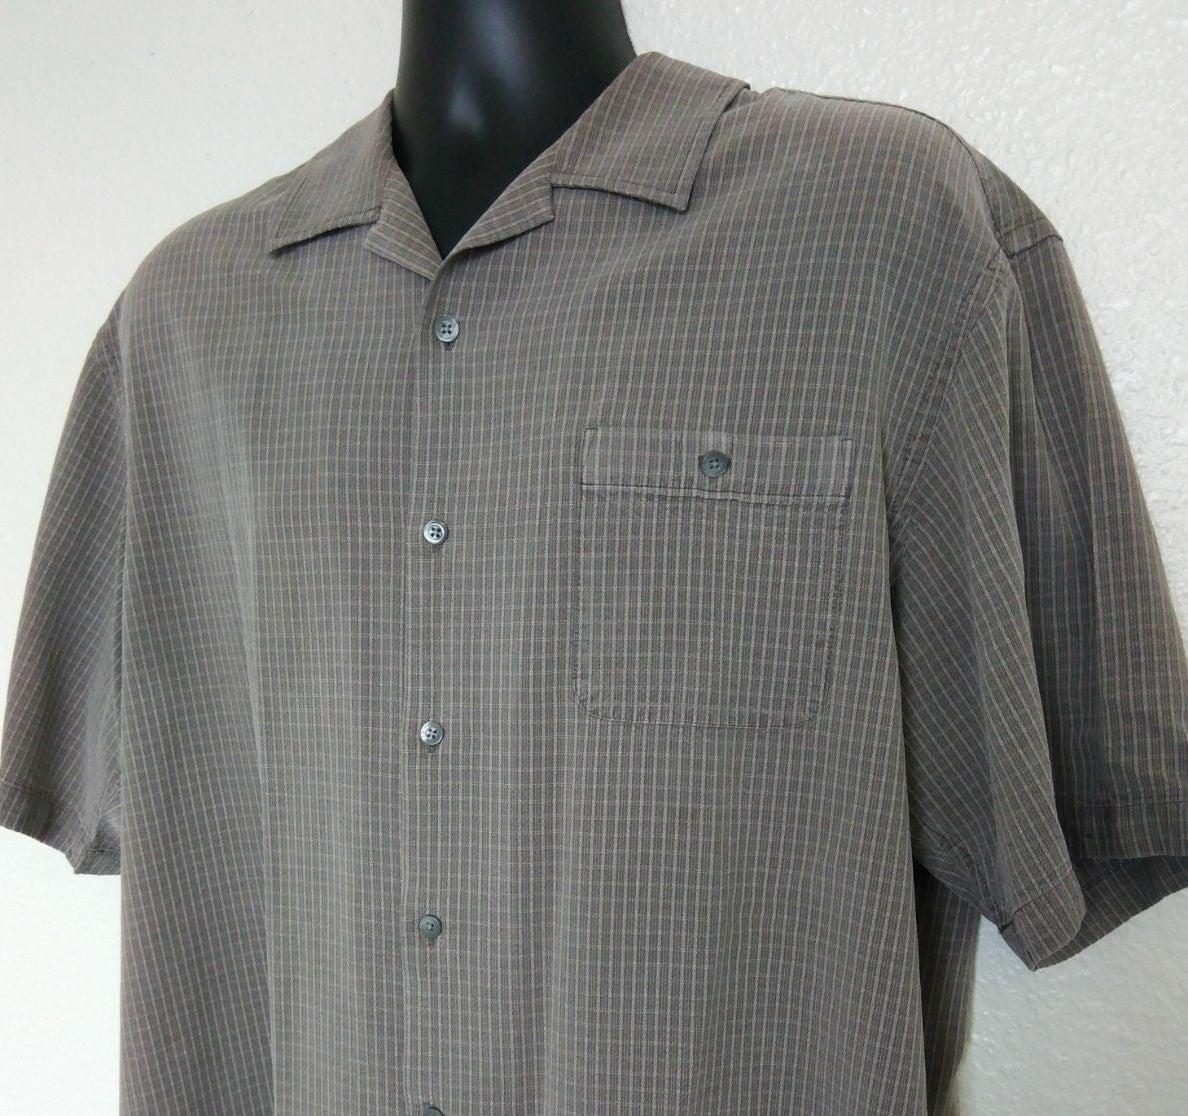 Talbots Mens 2XL Shirt Silk Button Up S/